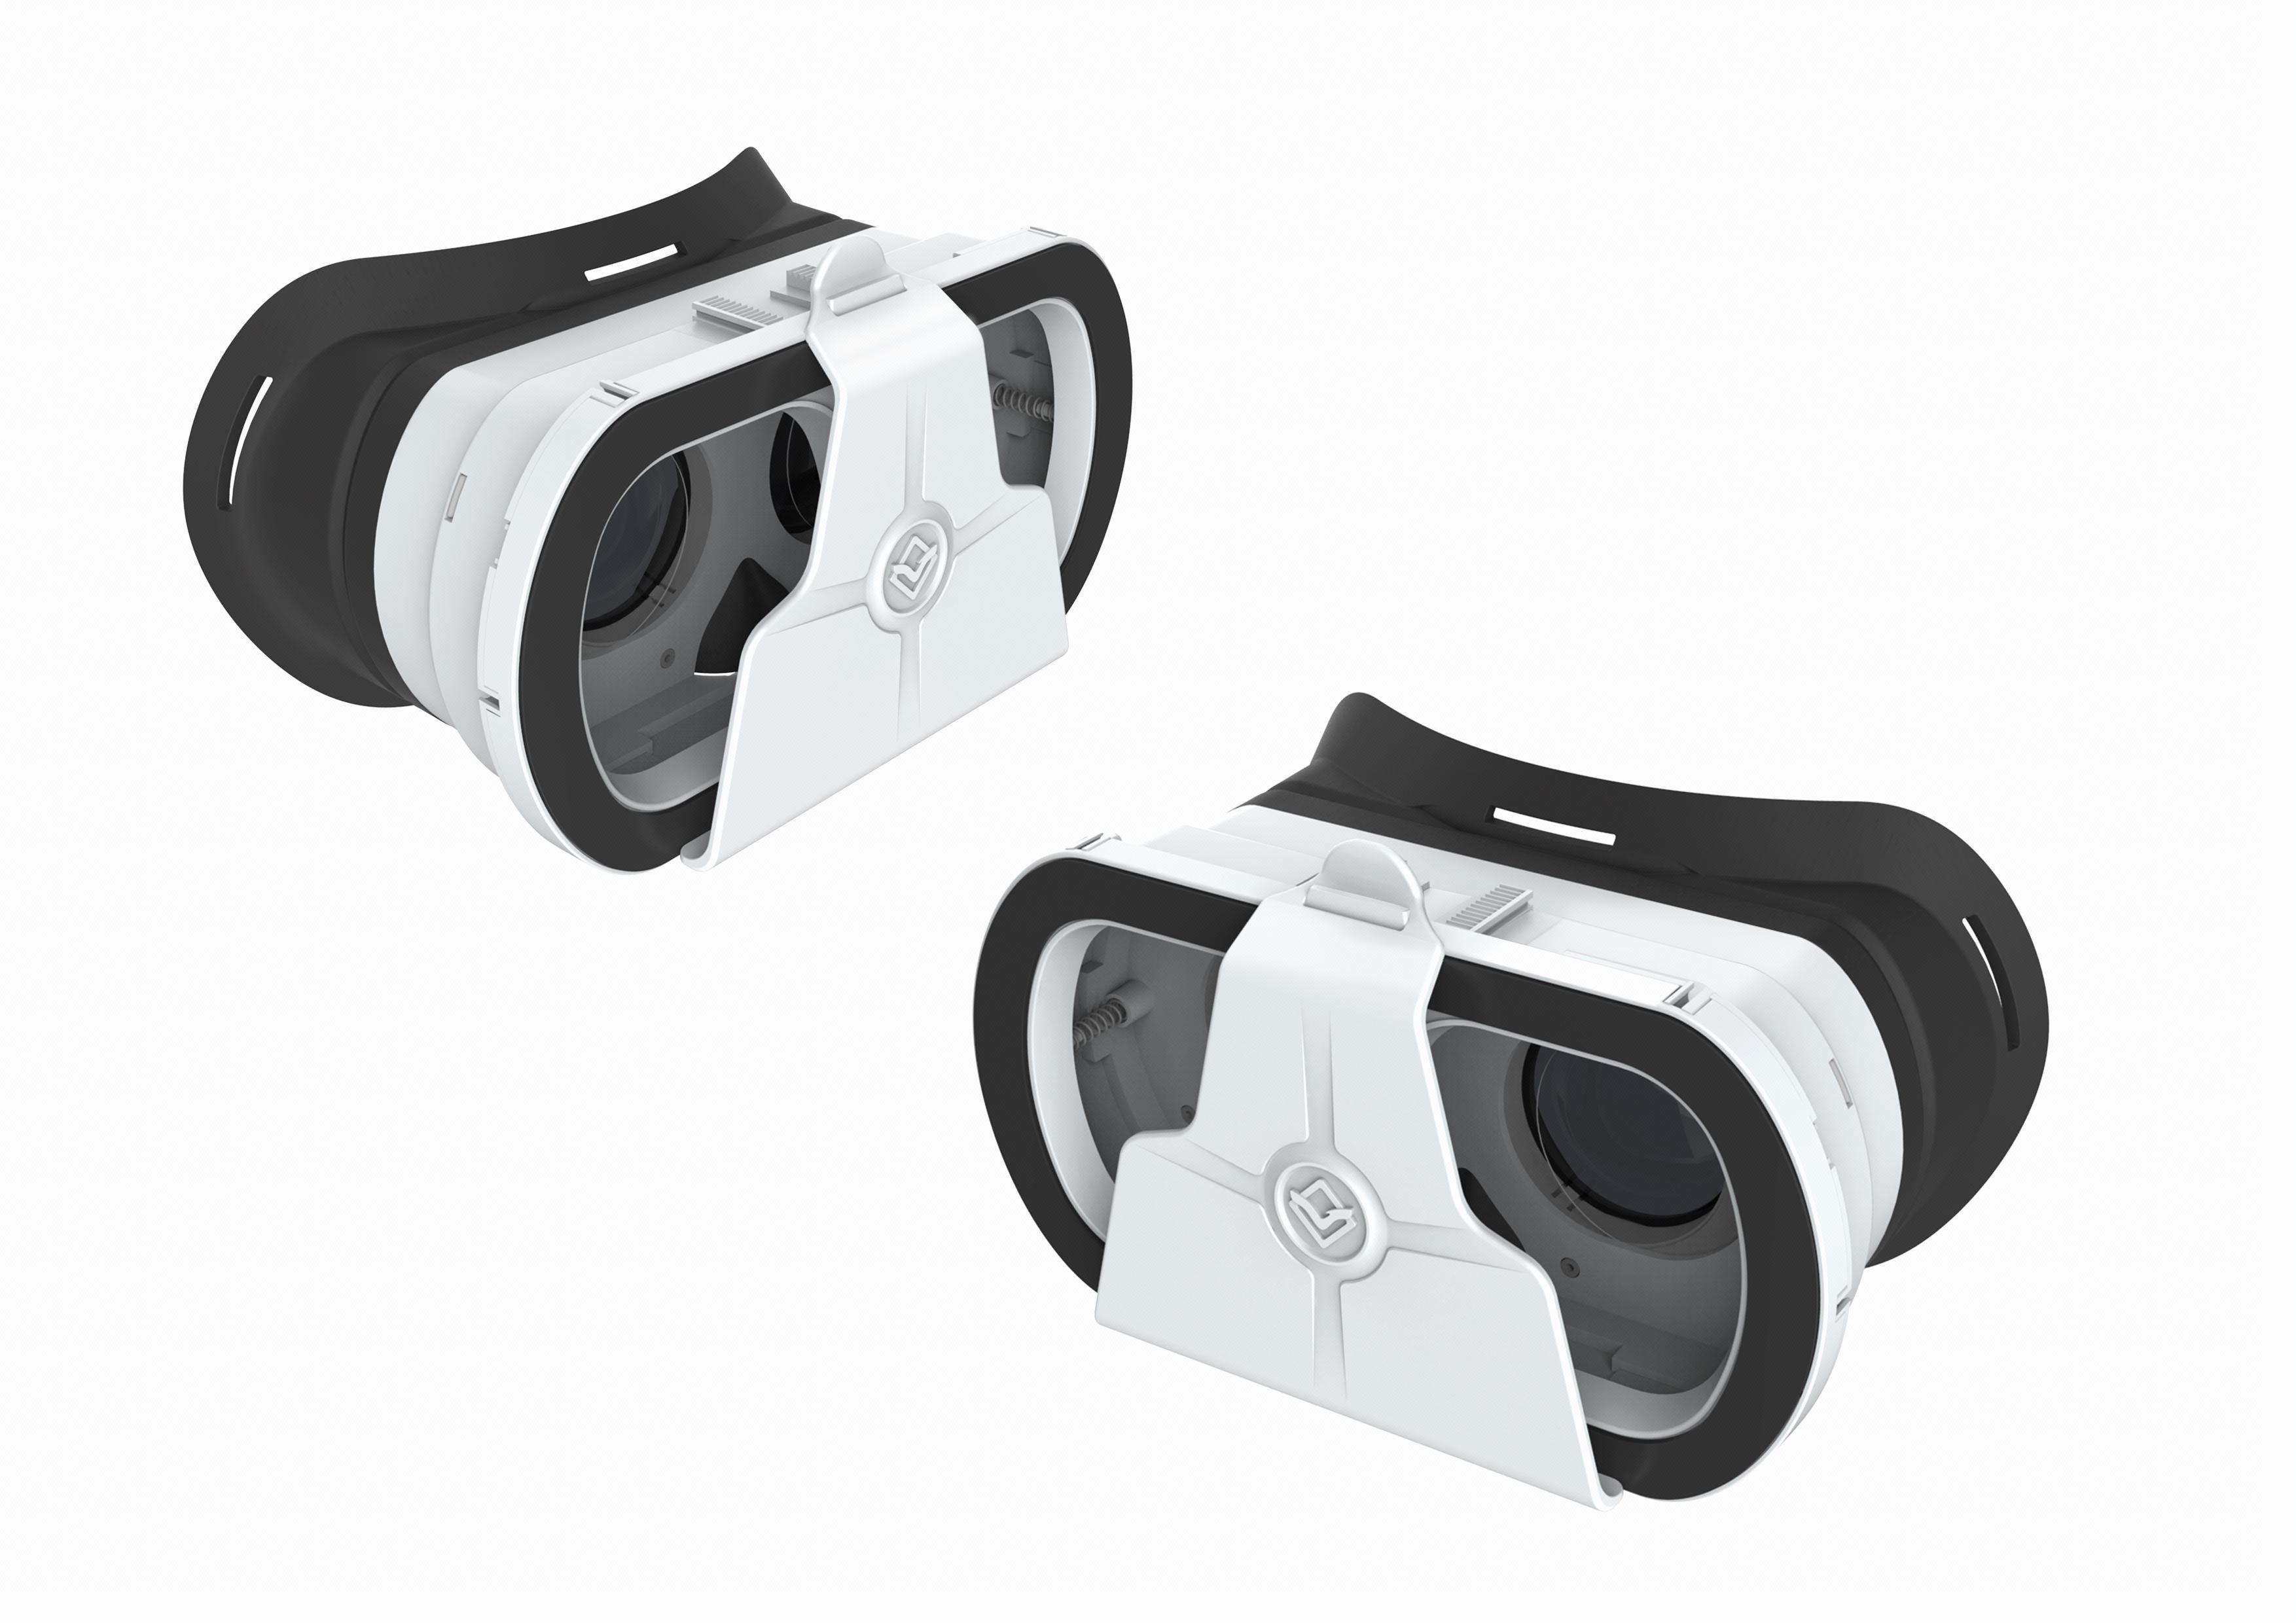 VR眼镜虚拟产品外观结构设计工业产品设计效果图制作3D建模